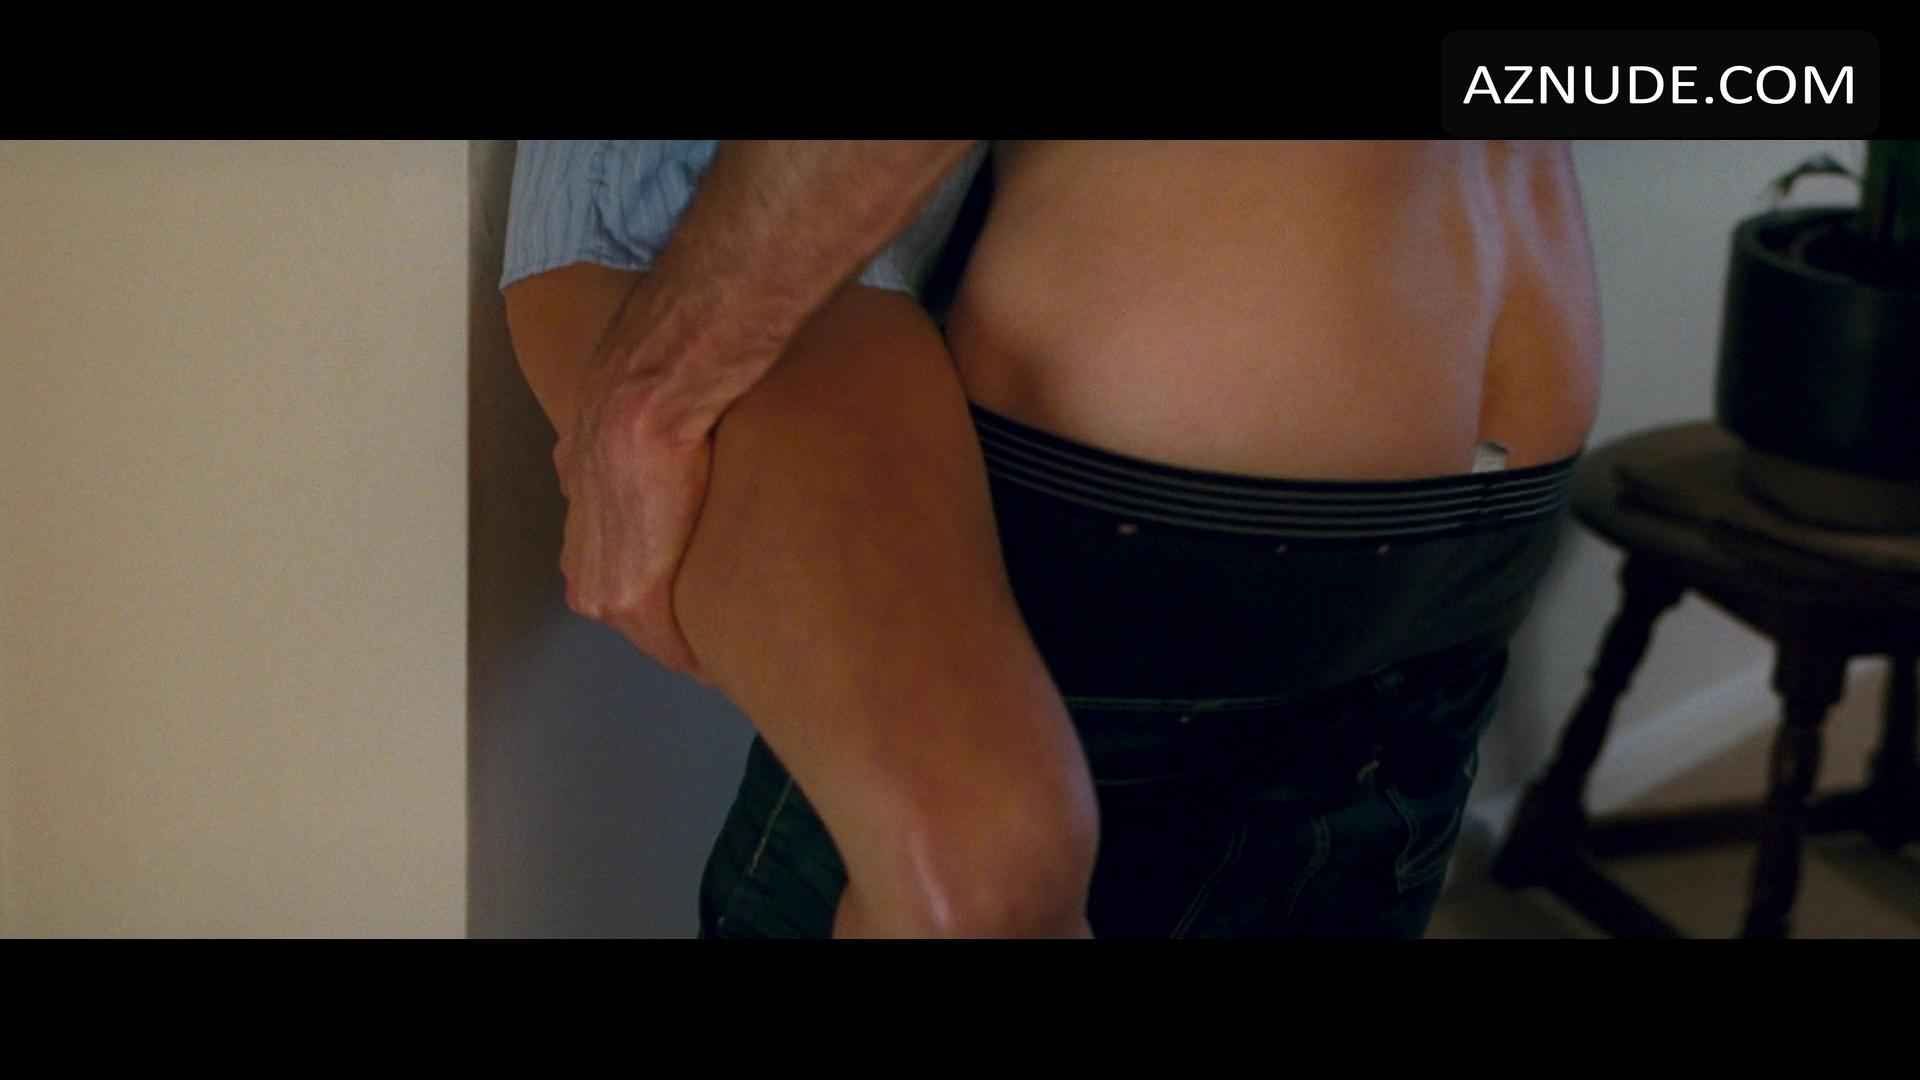 JAMES DARCY Nude  AZNude Men